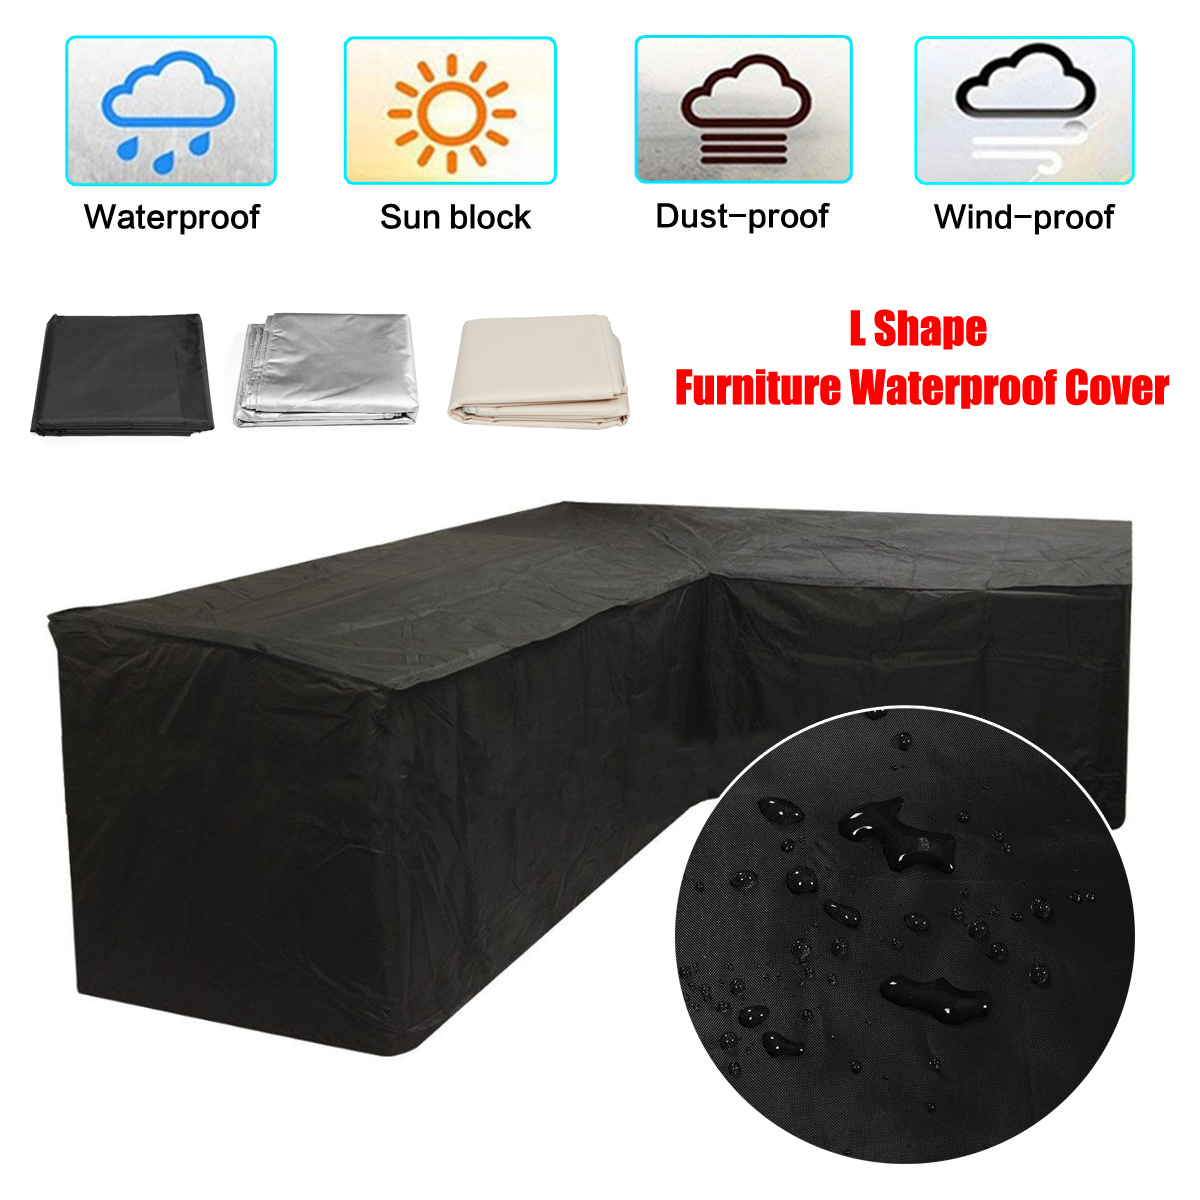 Meubles de jardin L forme canapé couverture housse Piano canapé canapé couvertures pour salon extérieur étanche à la poussière